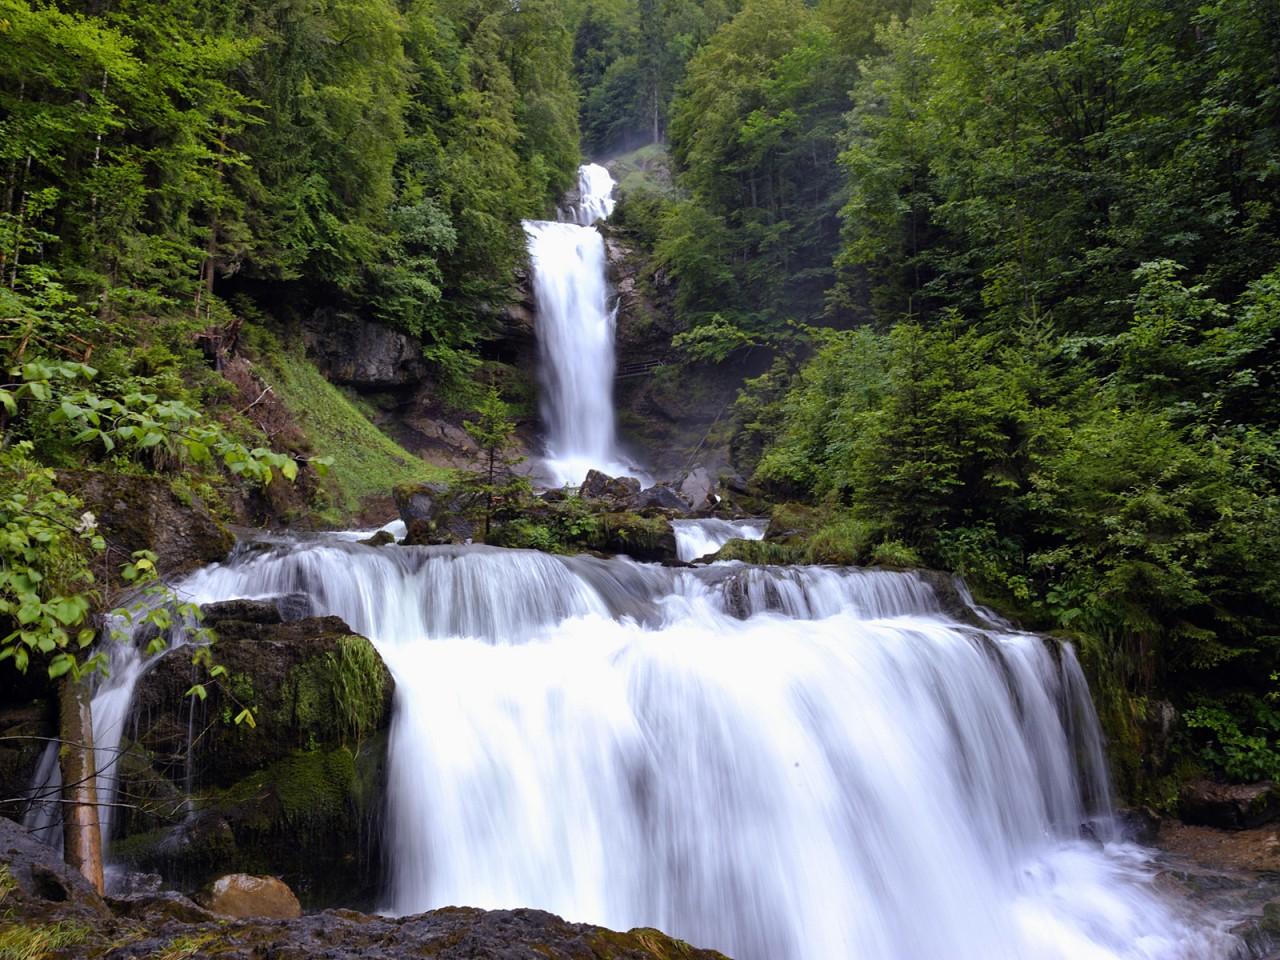 4. Водопад Гиссбах водопады, красота, природа